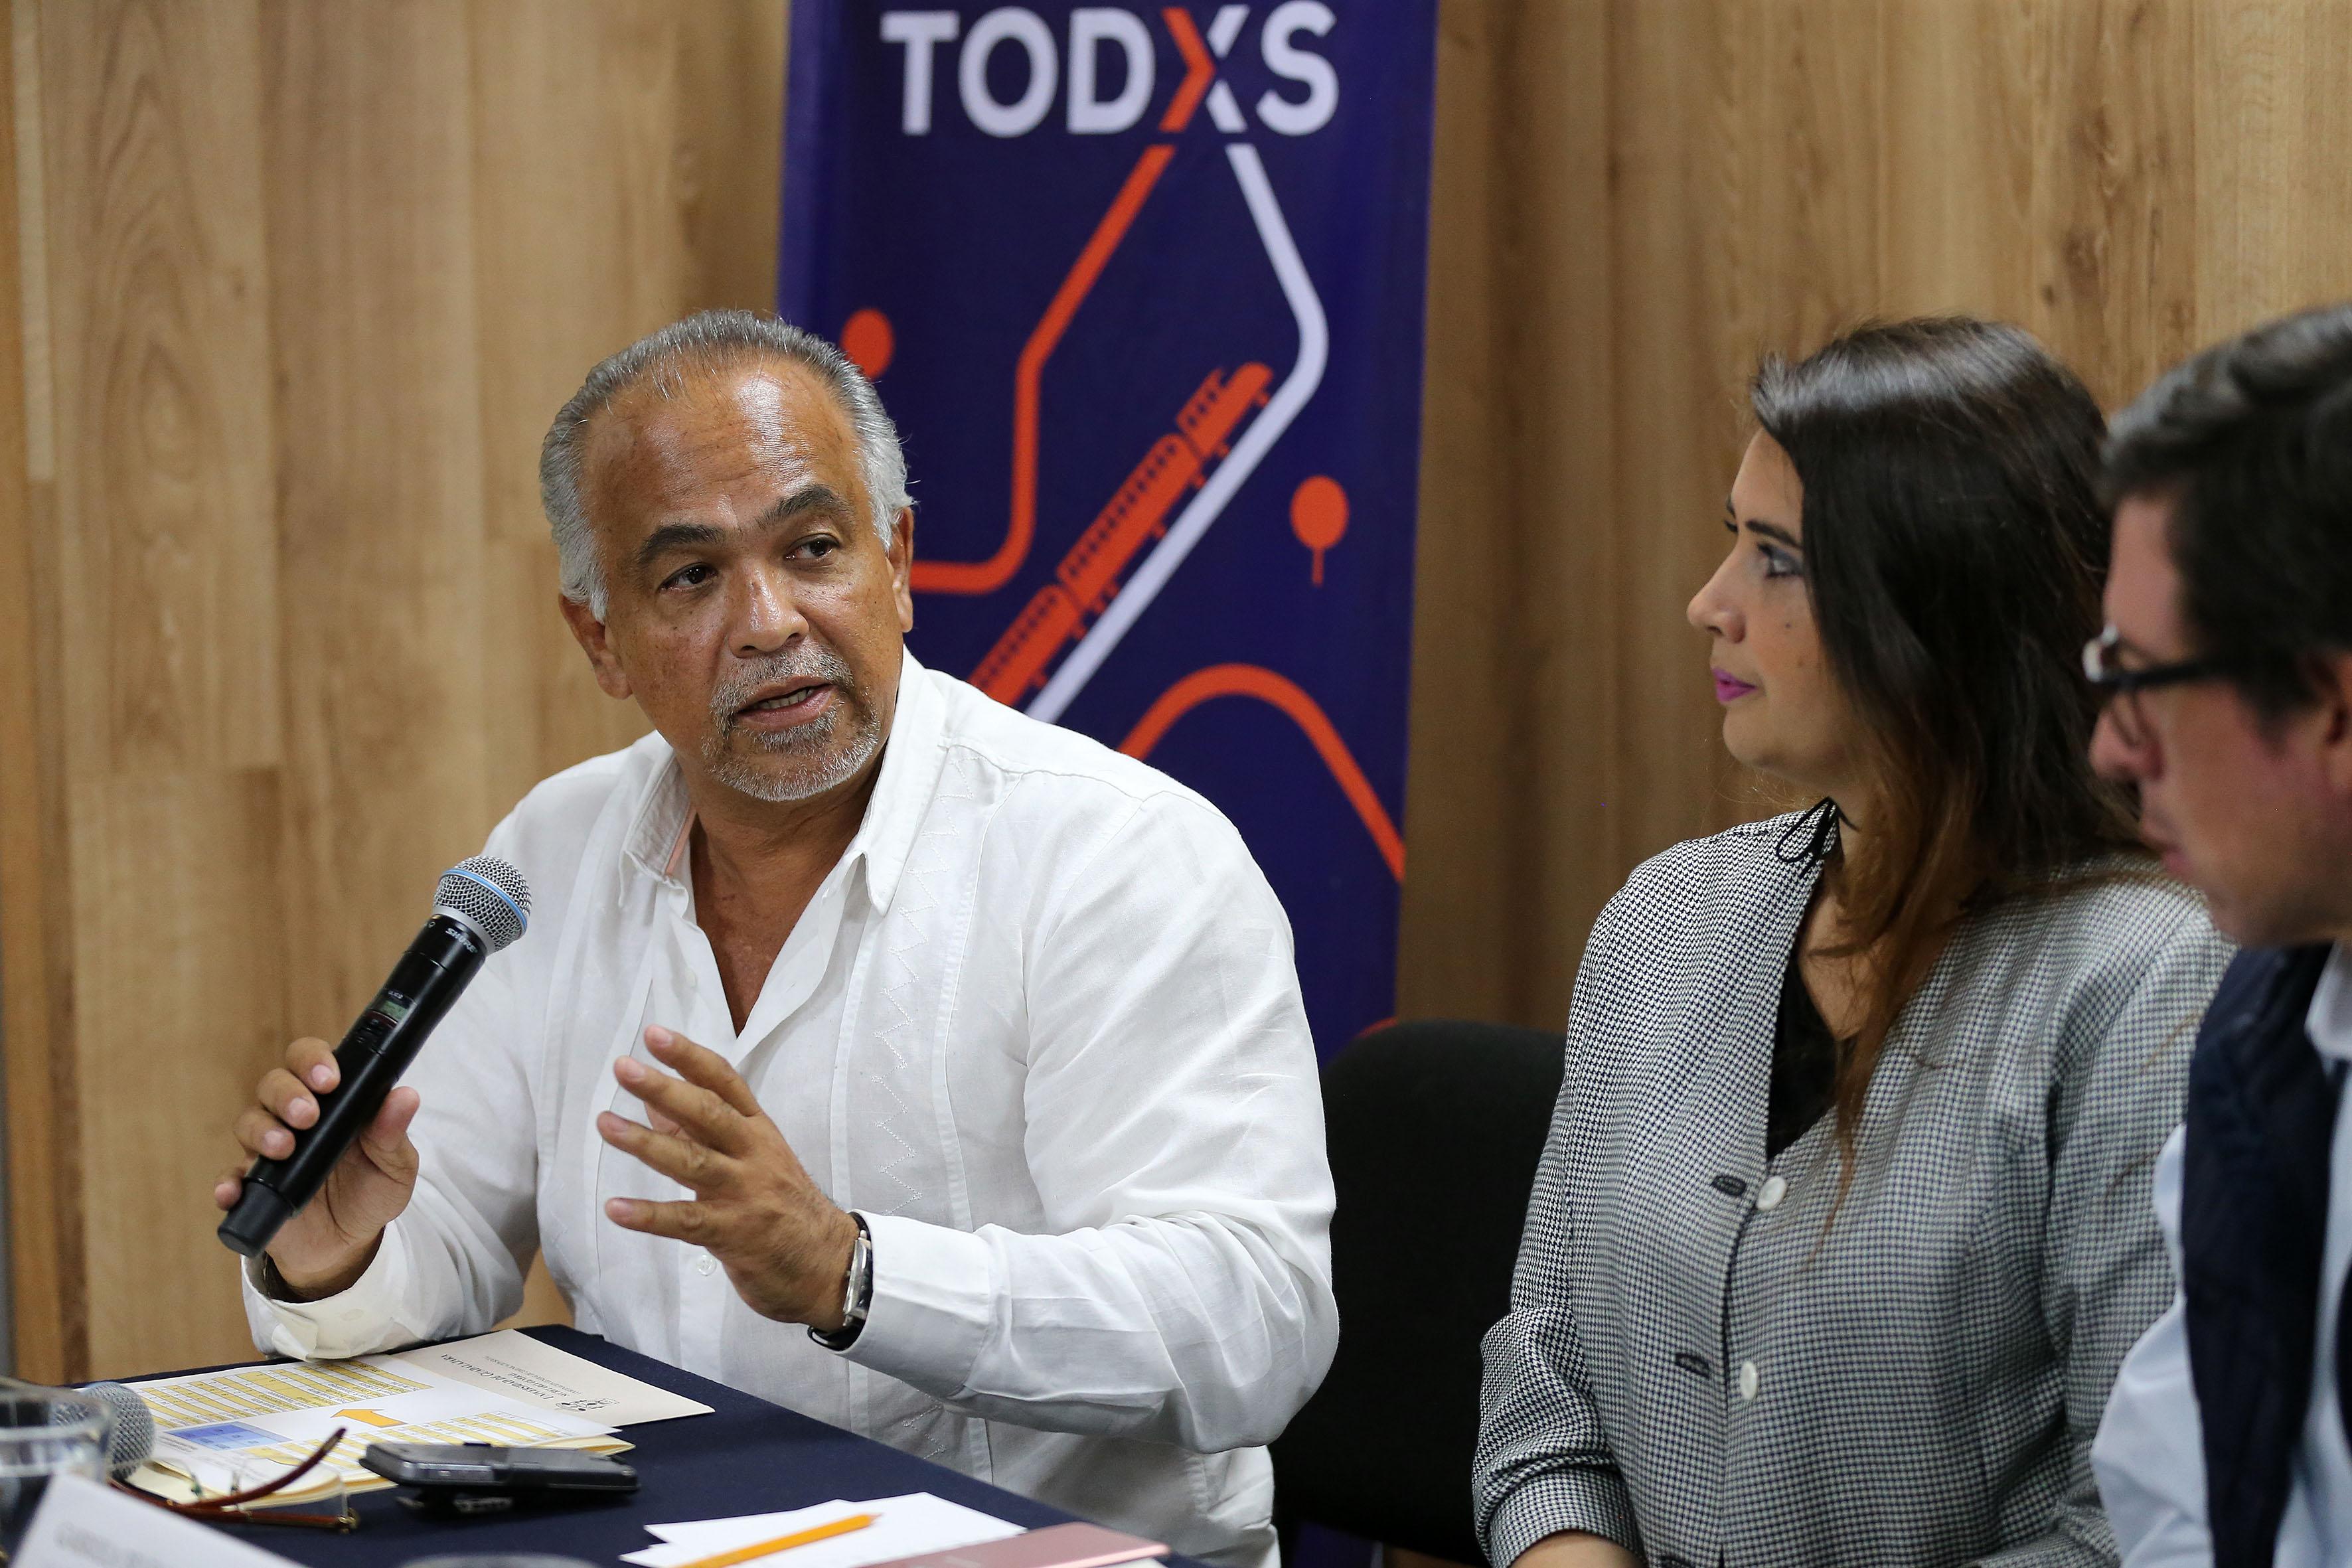 Titular de la Coordinación de Seguridad Universitaria de la UdeG, licenciado Montalberti Serrano Cervantes, participando en rueda de prensa.